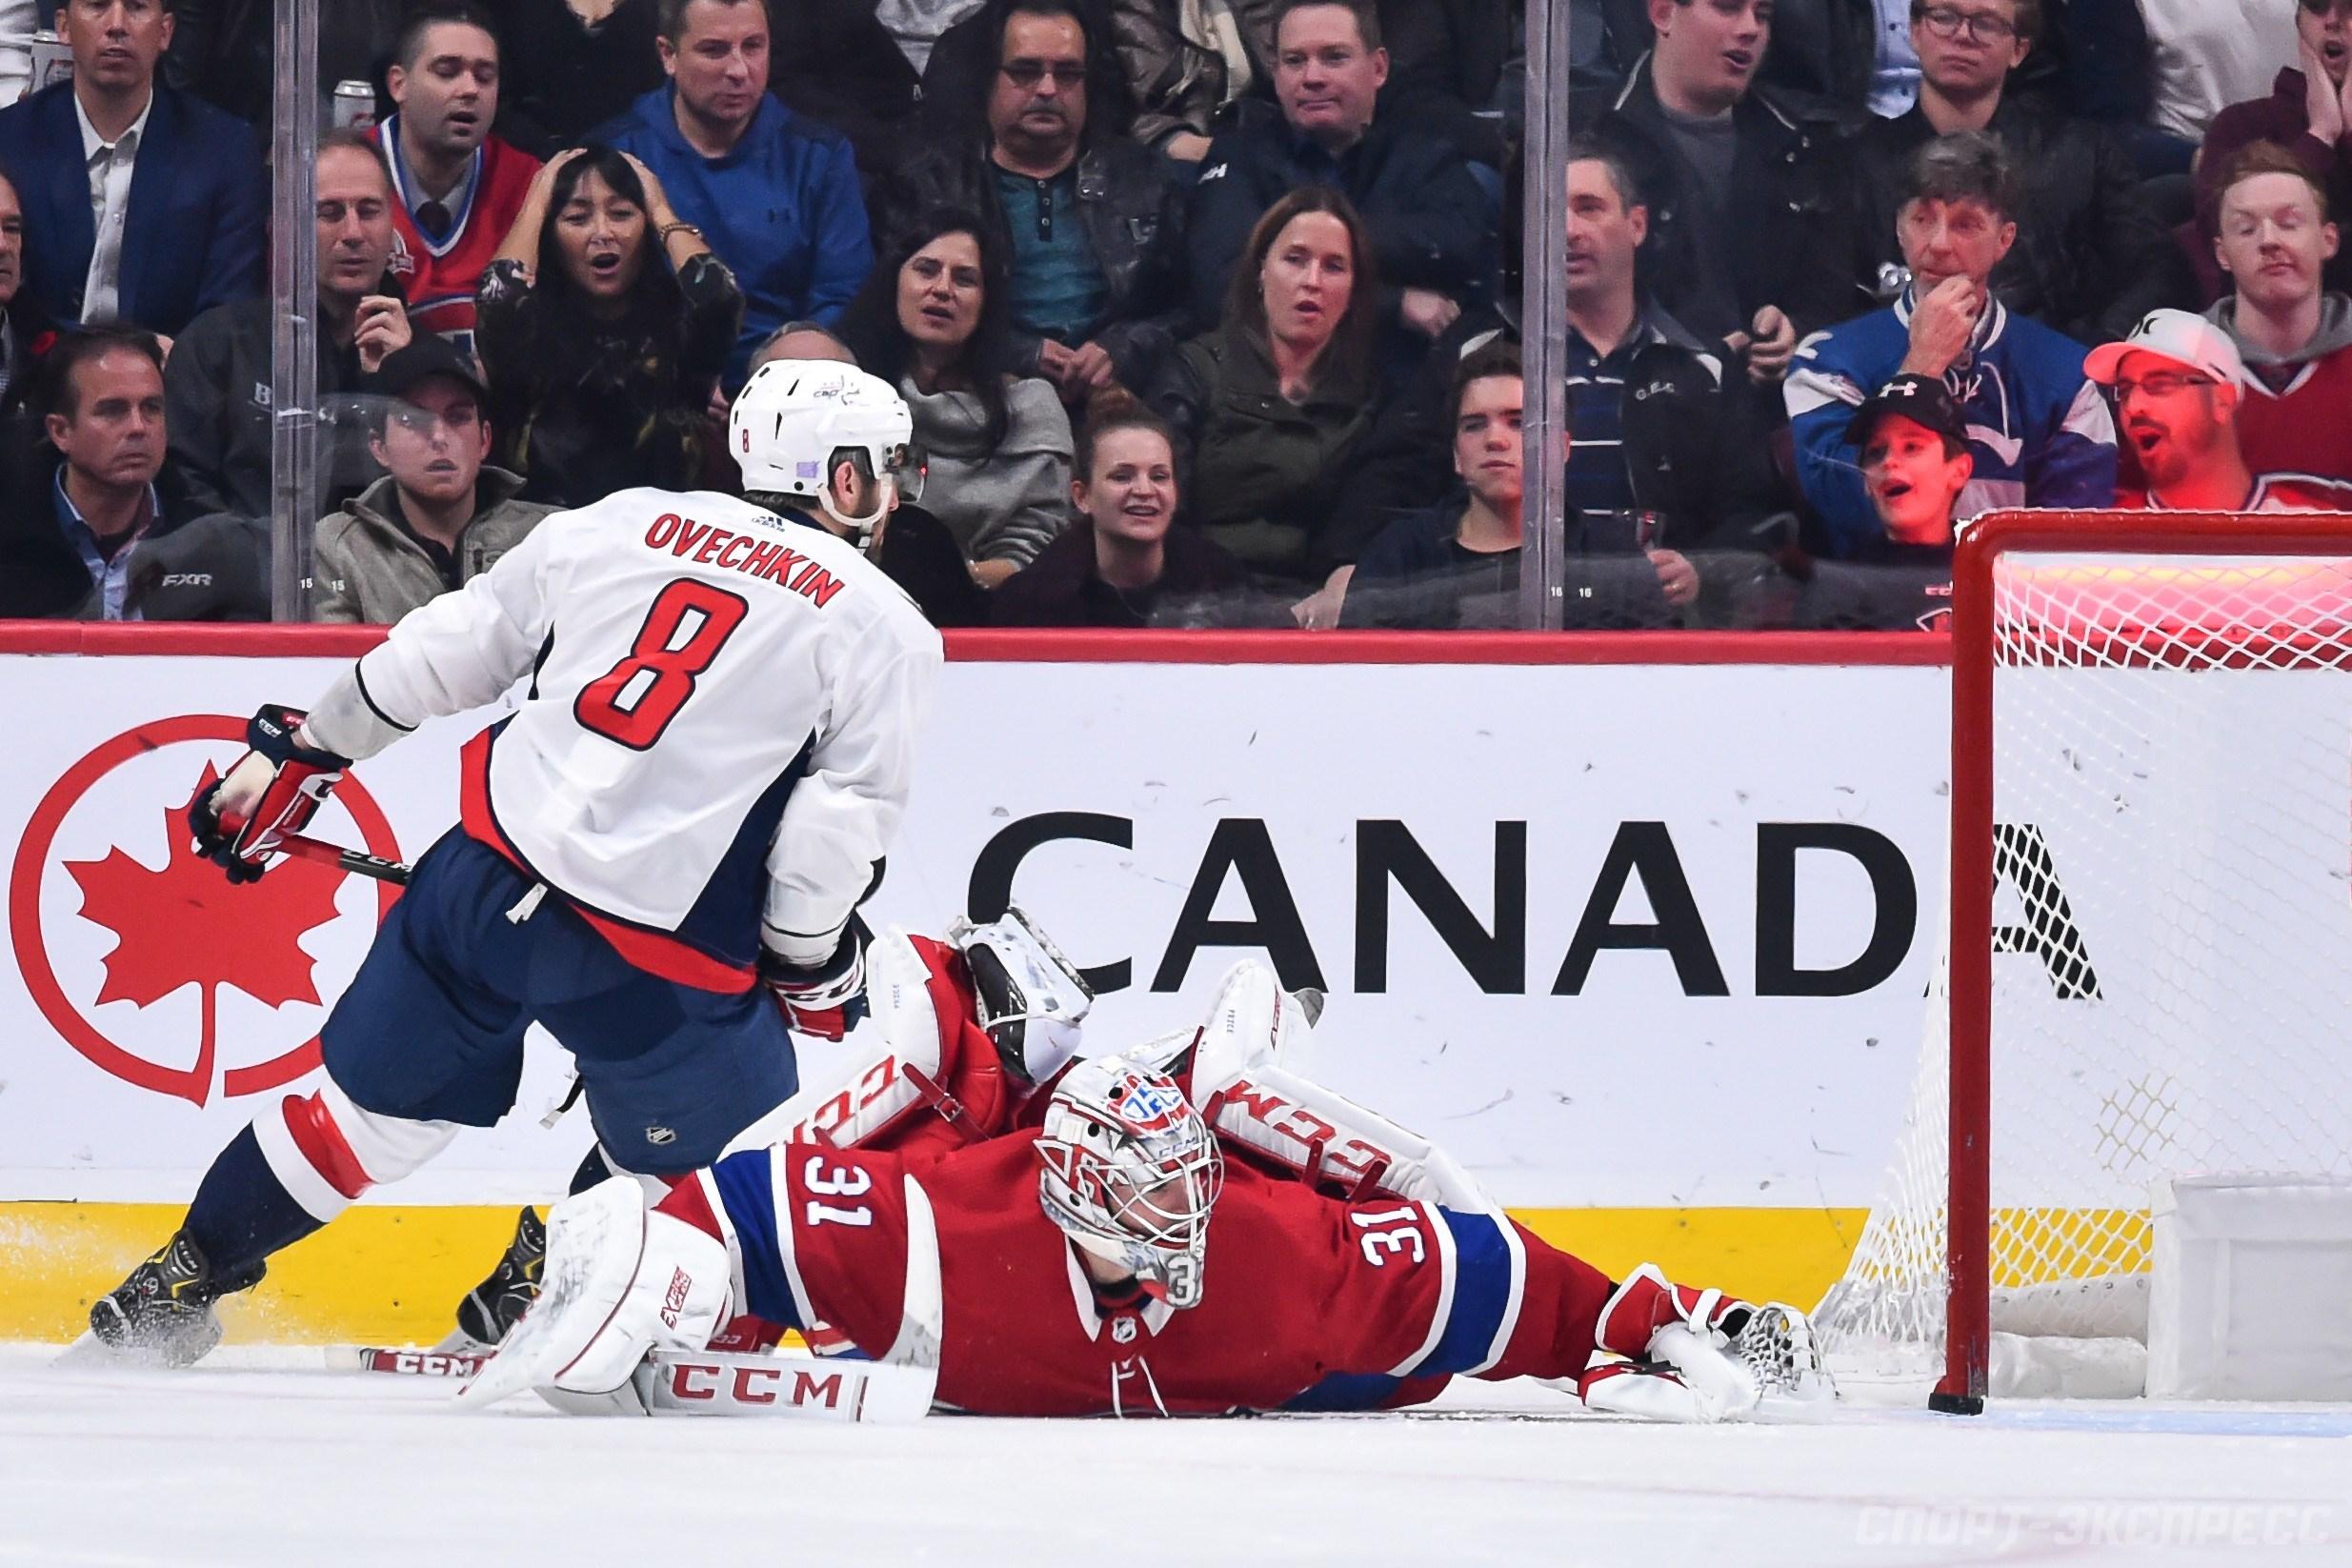 Сможет ли Калгари обыграть Монреаль На что делать ставки на НХЛ 22 Декабря 2017